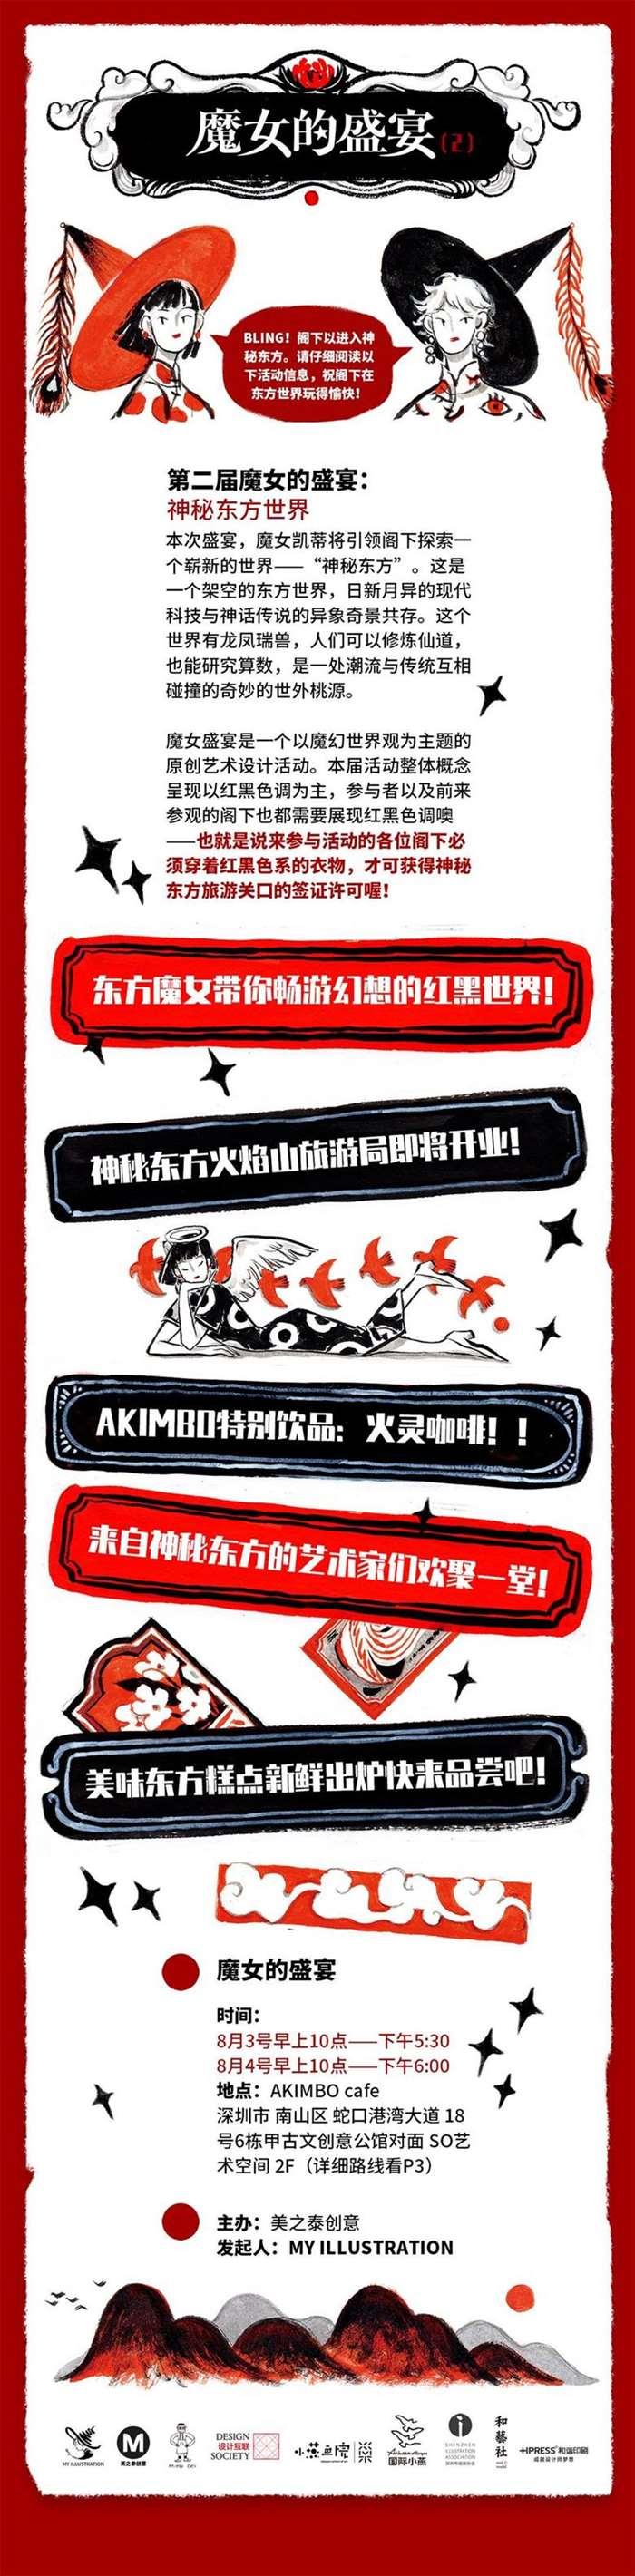 魔女盛宴二正式宣传故事01.jpg